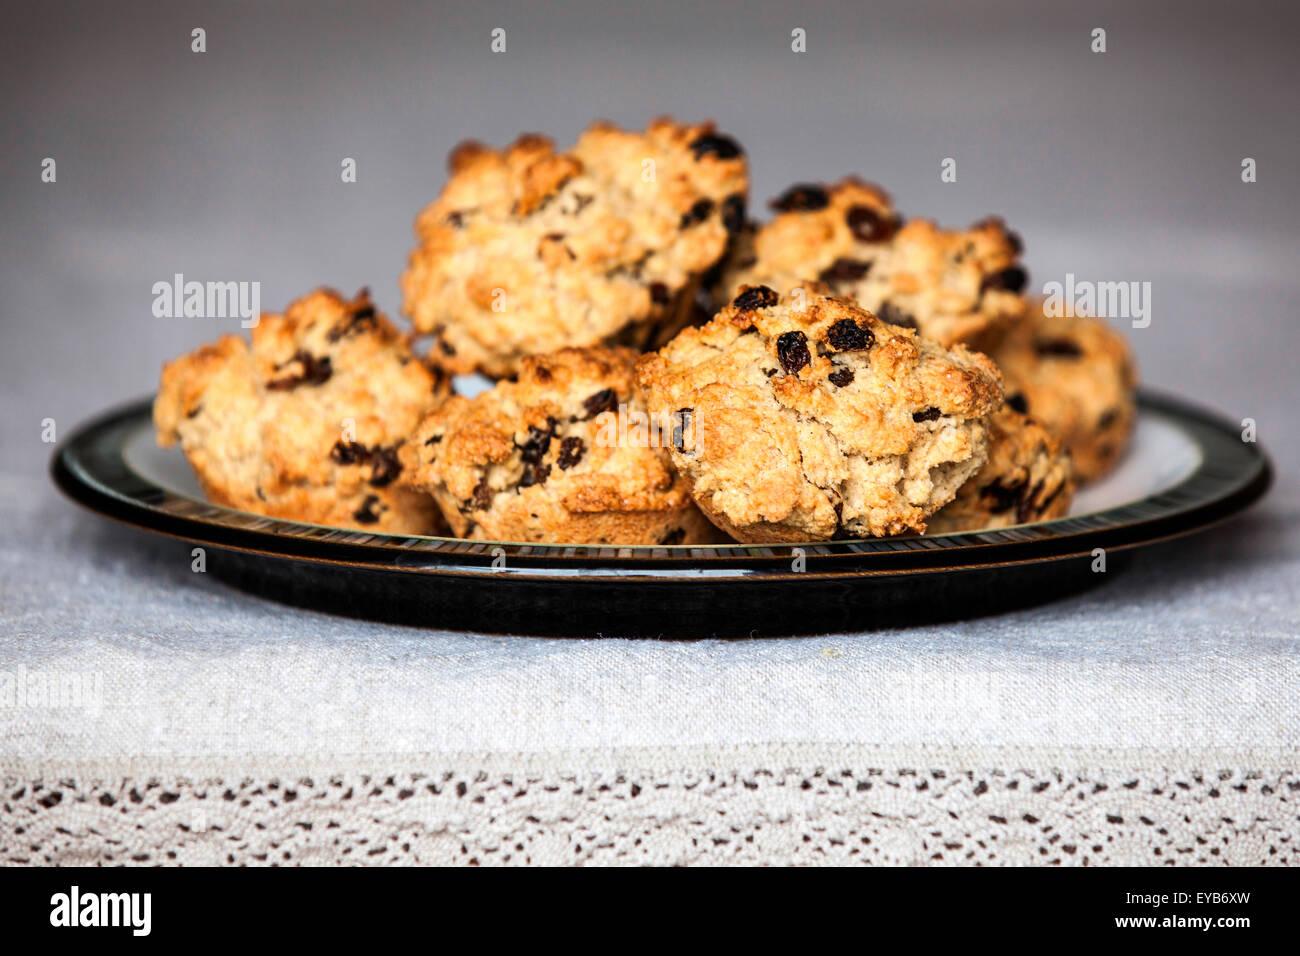 Eine Platte der frisch gebackene rock Kuchen auf eine Platte auf einem Tisch mit einem leinen Tischdecke platziert Stockbild